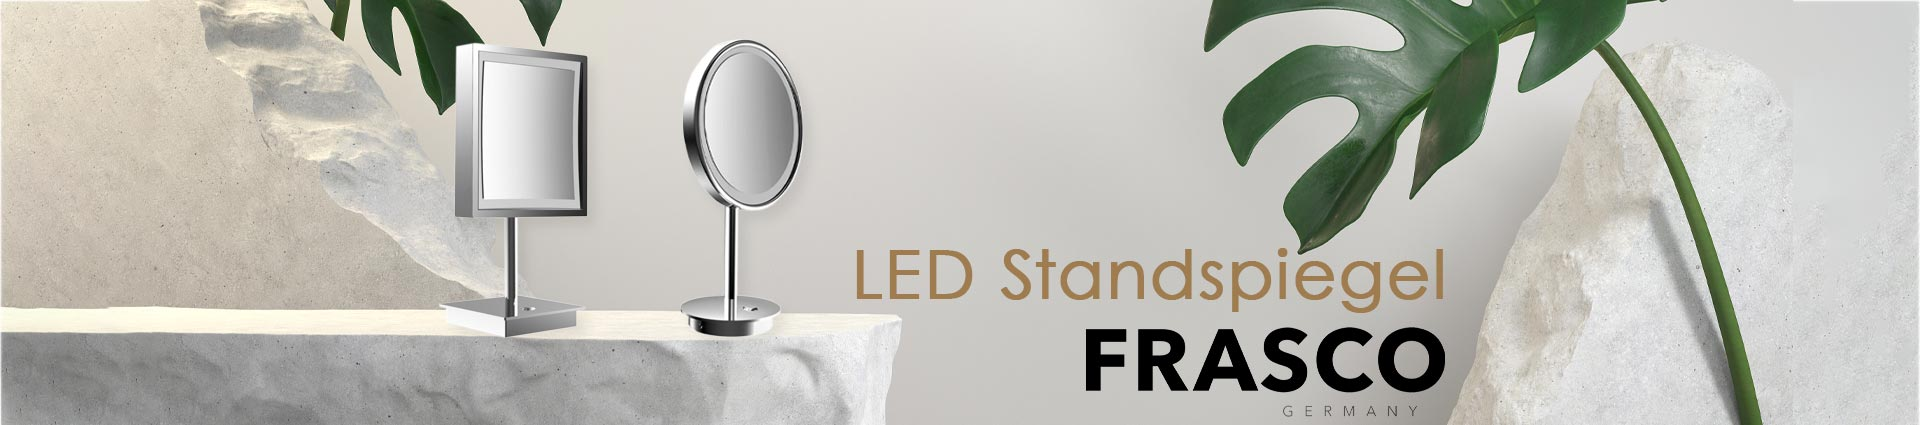 Frasco LED Standspiegel